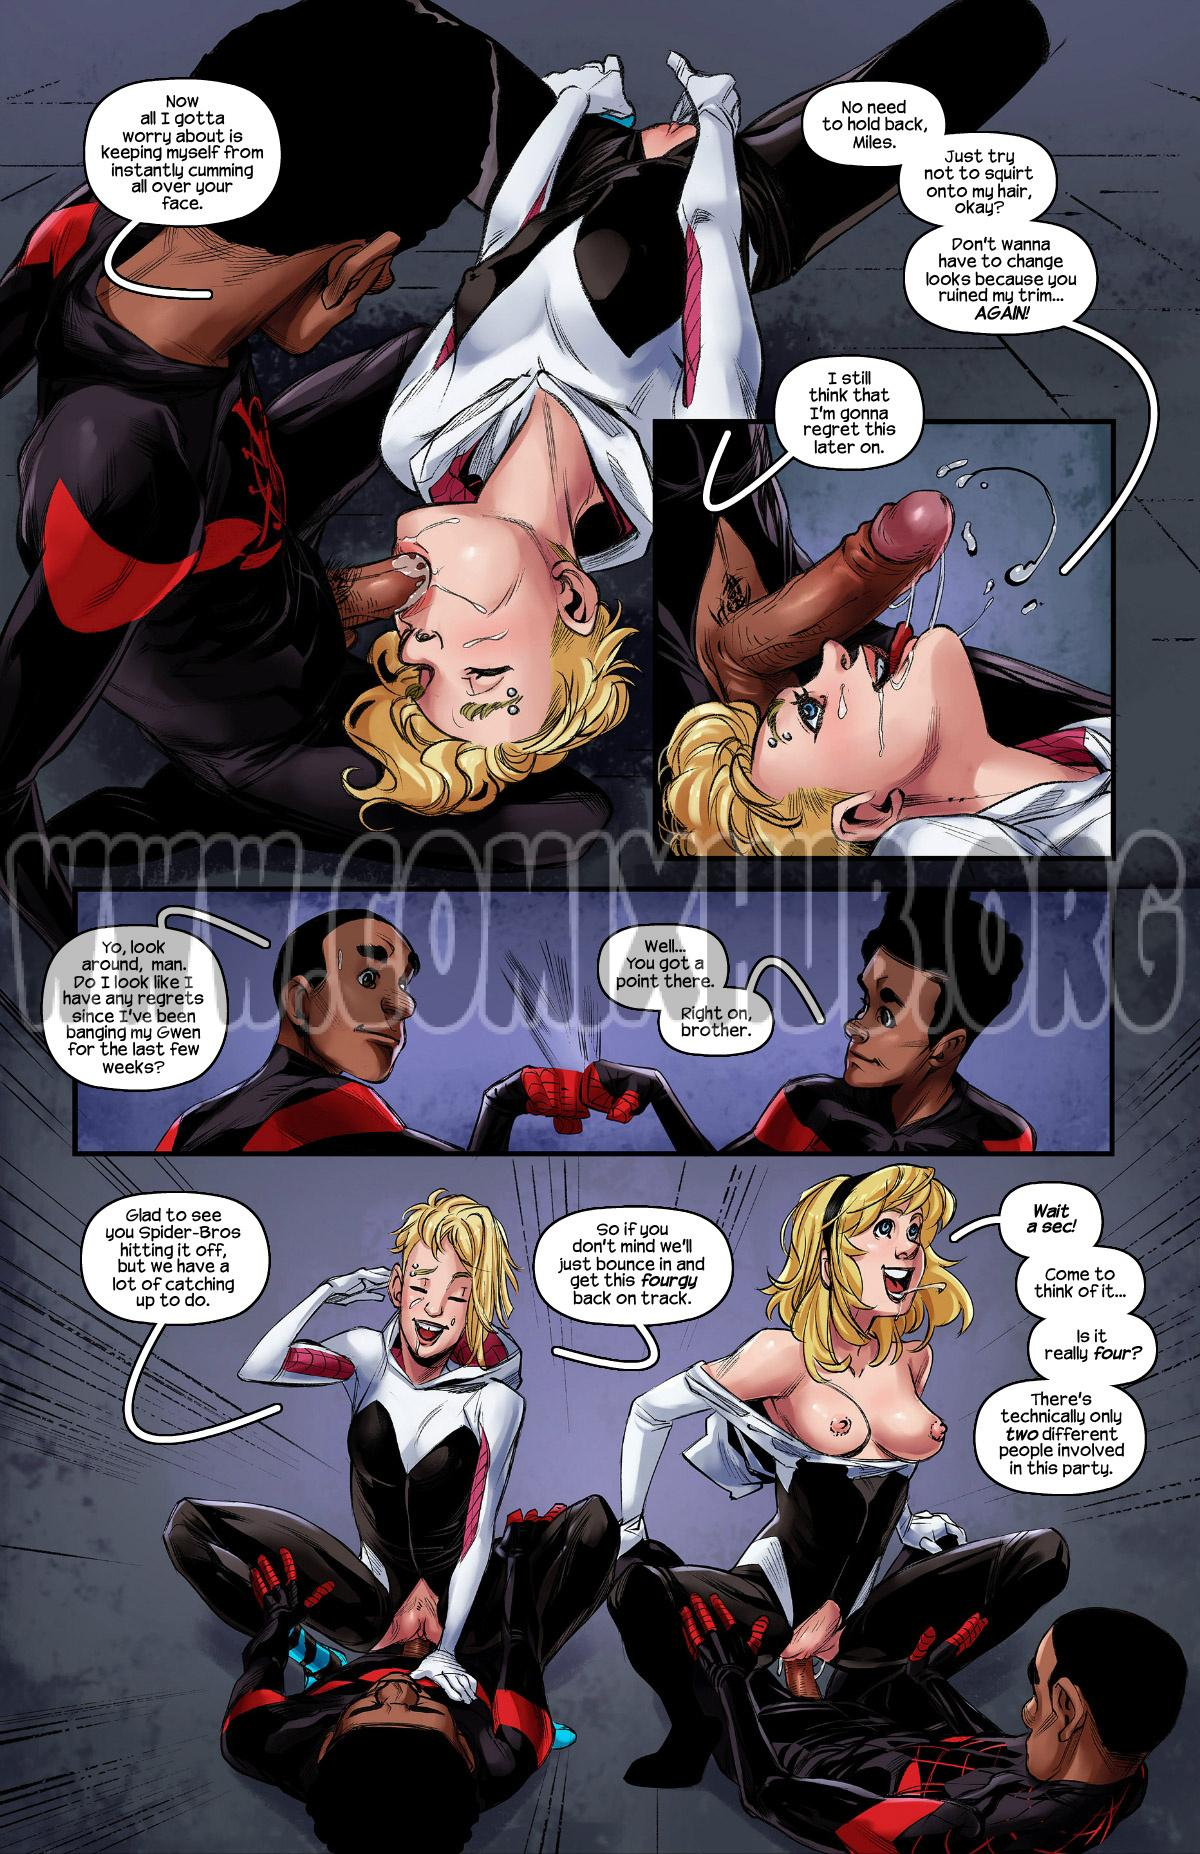 Weaving Fluids 3 porn comics Oral sex, Anal Sex, Blowjob, Cum Shots, Double Penetration, Group Sex, Latex, Lesbians, Straight